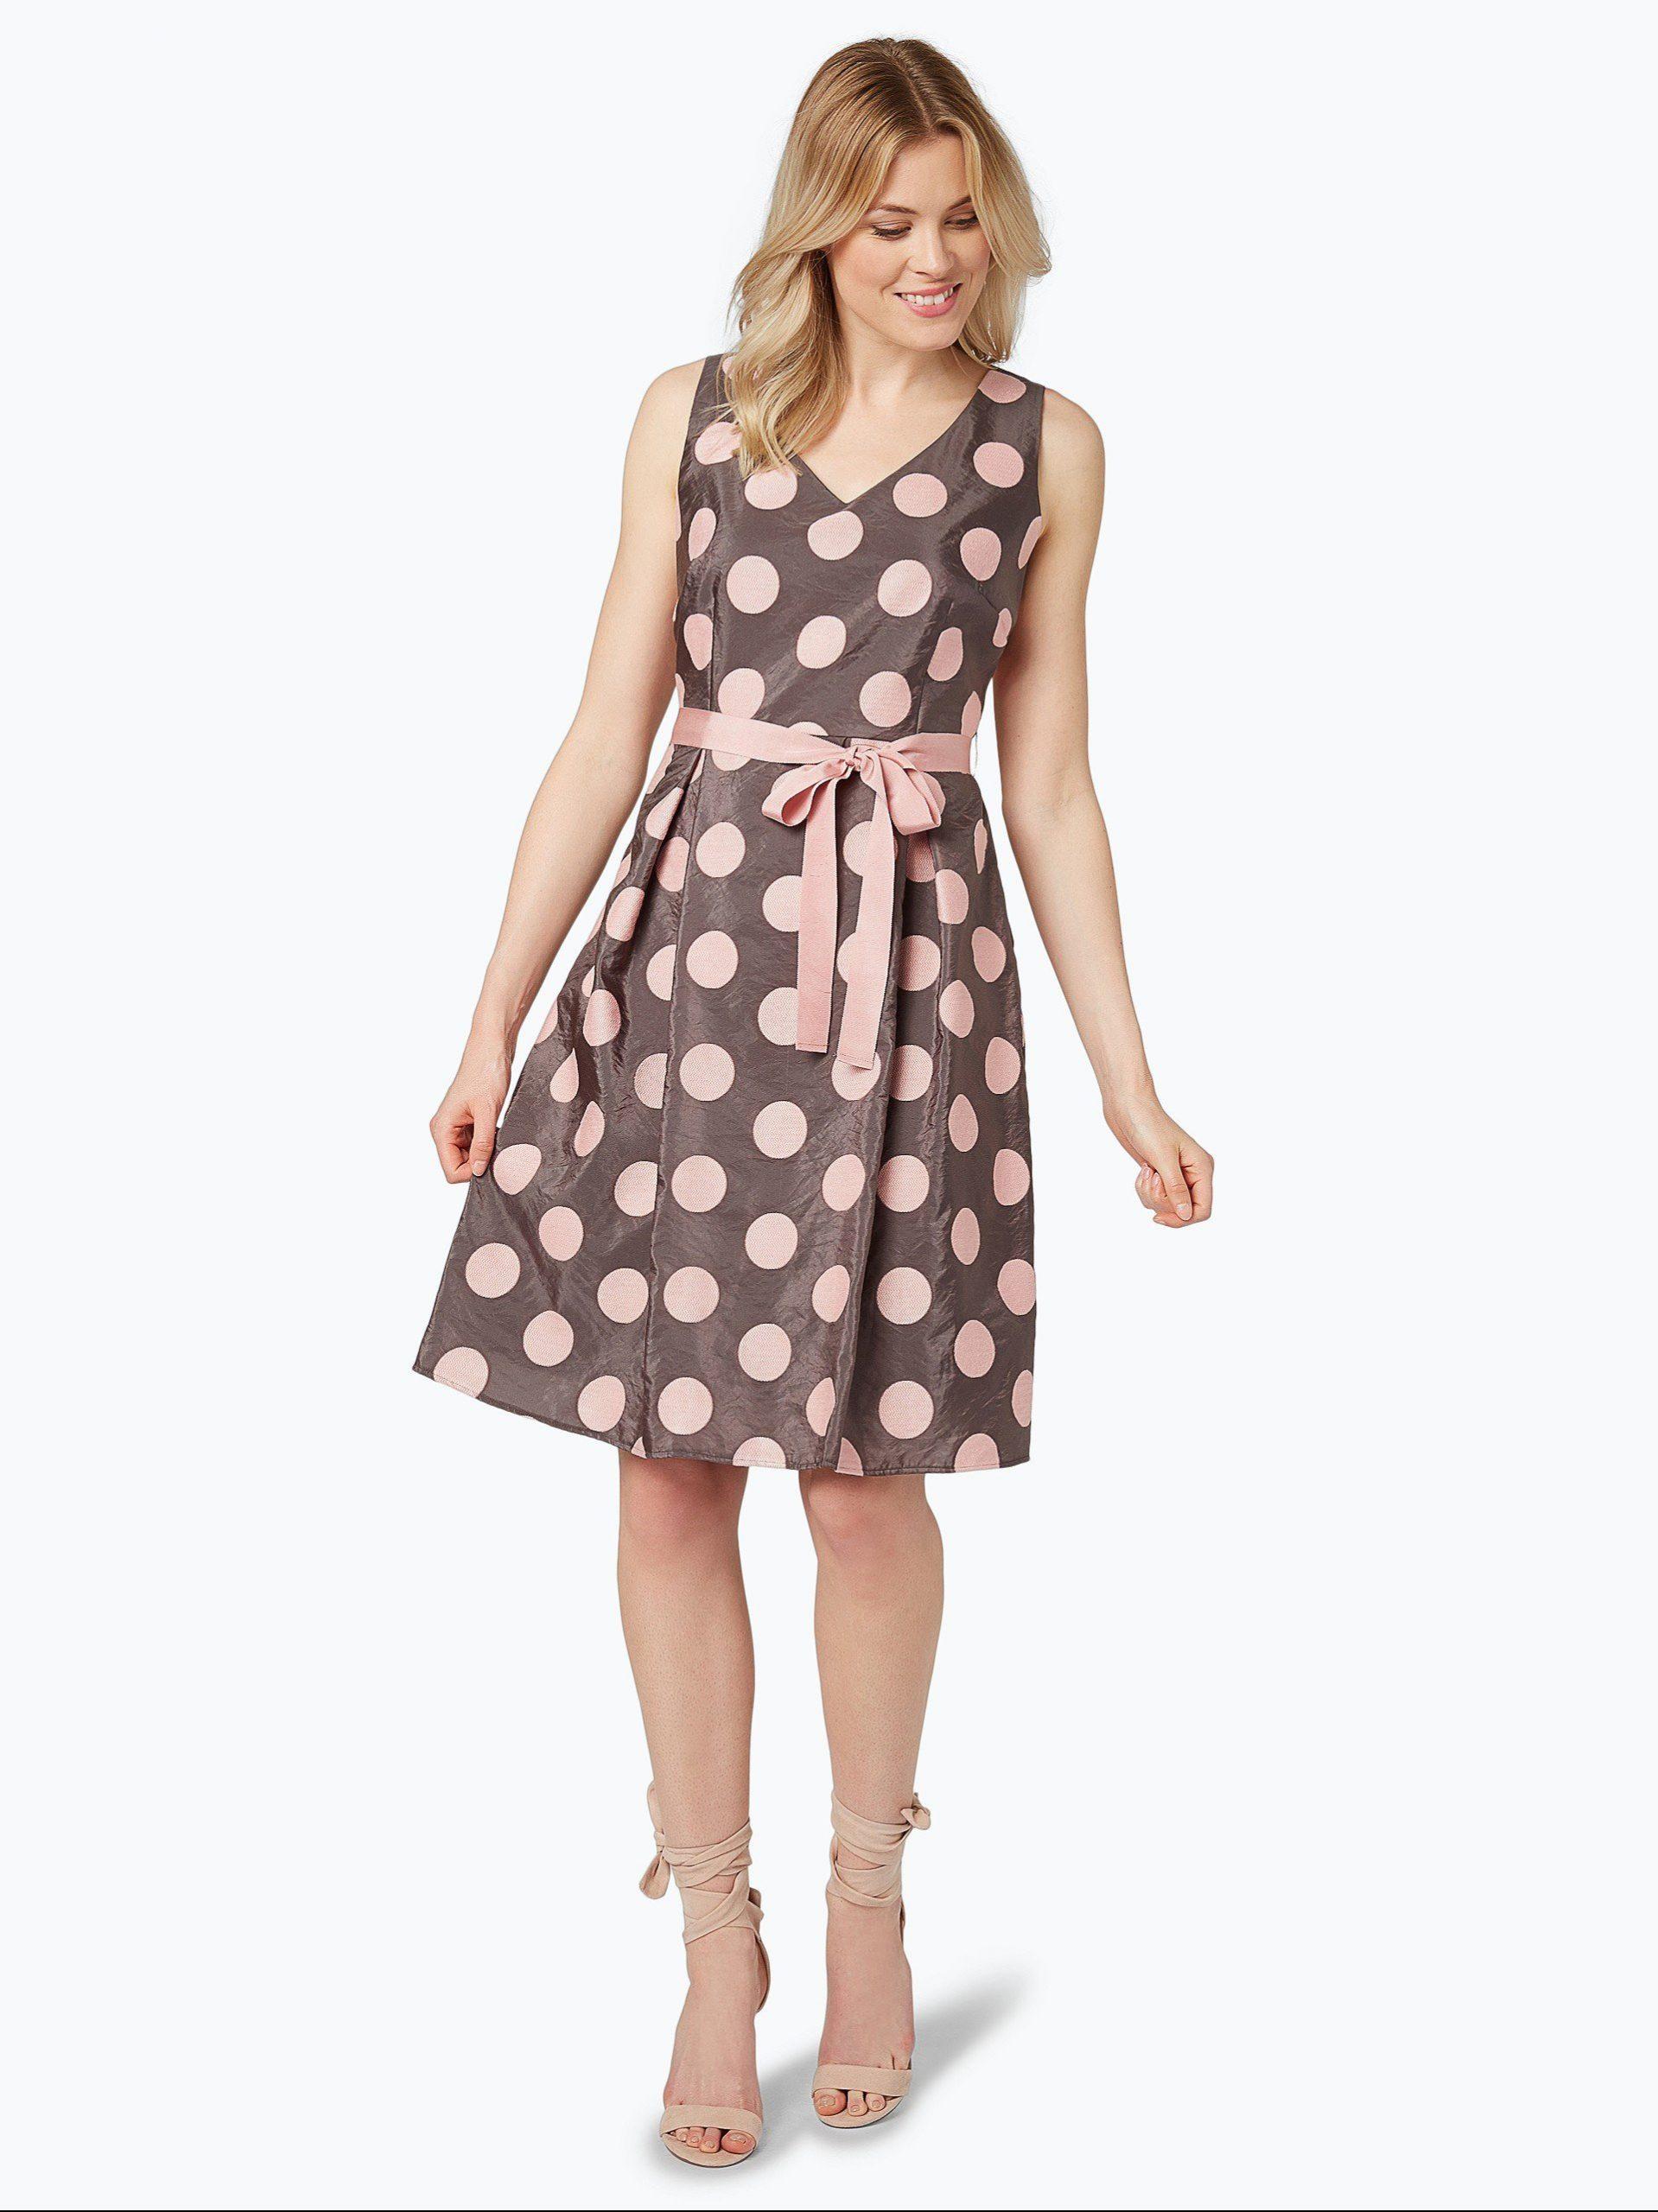 Taifun Damen Kleid  Petit Four Online Kaufen  Peekund